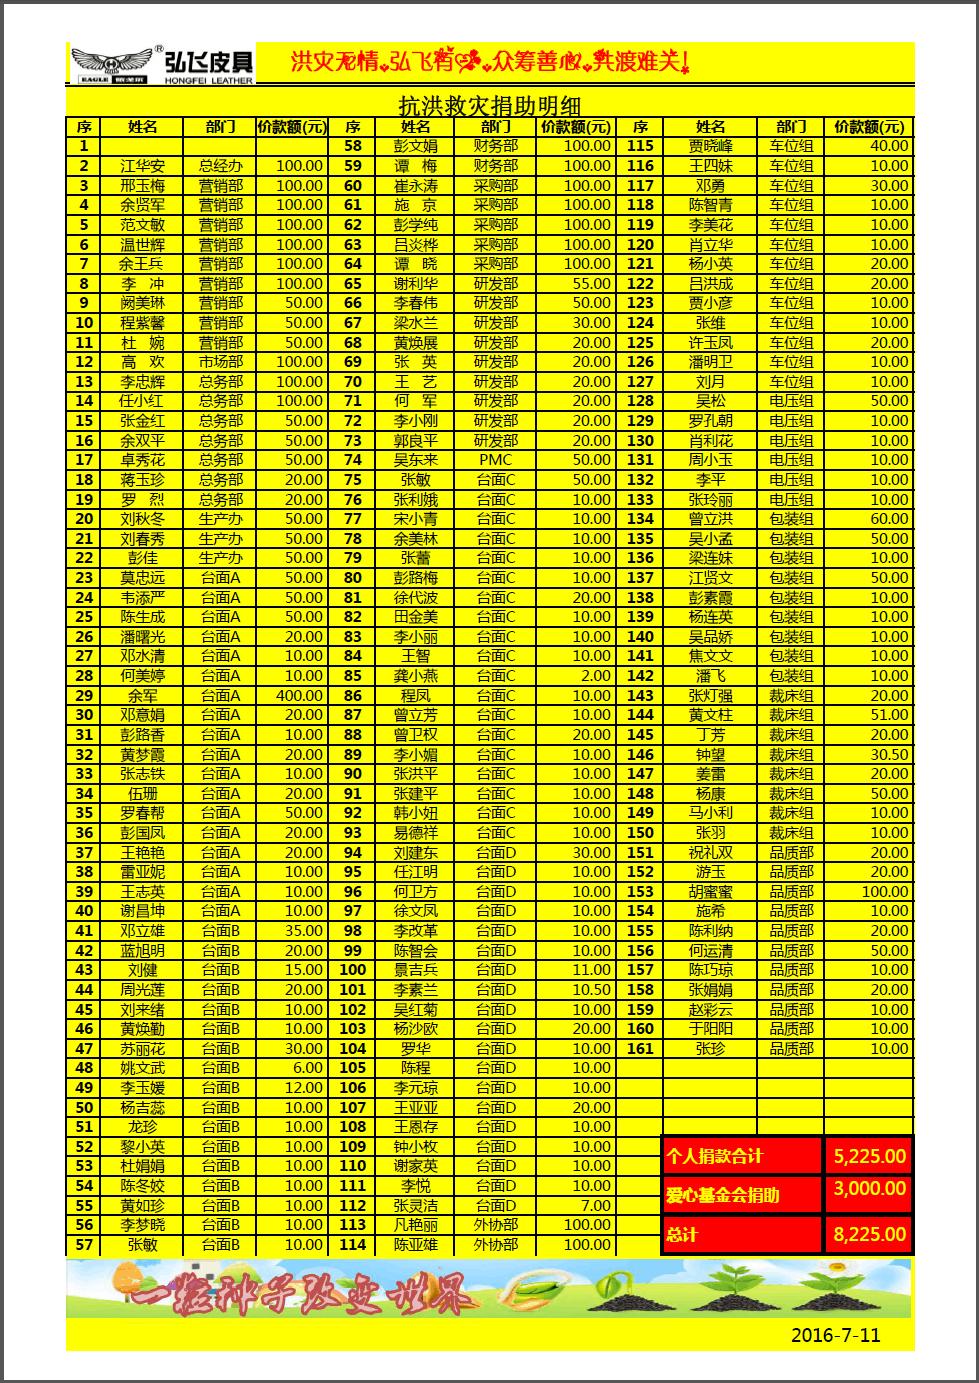 澳门新葡京赌场880011